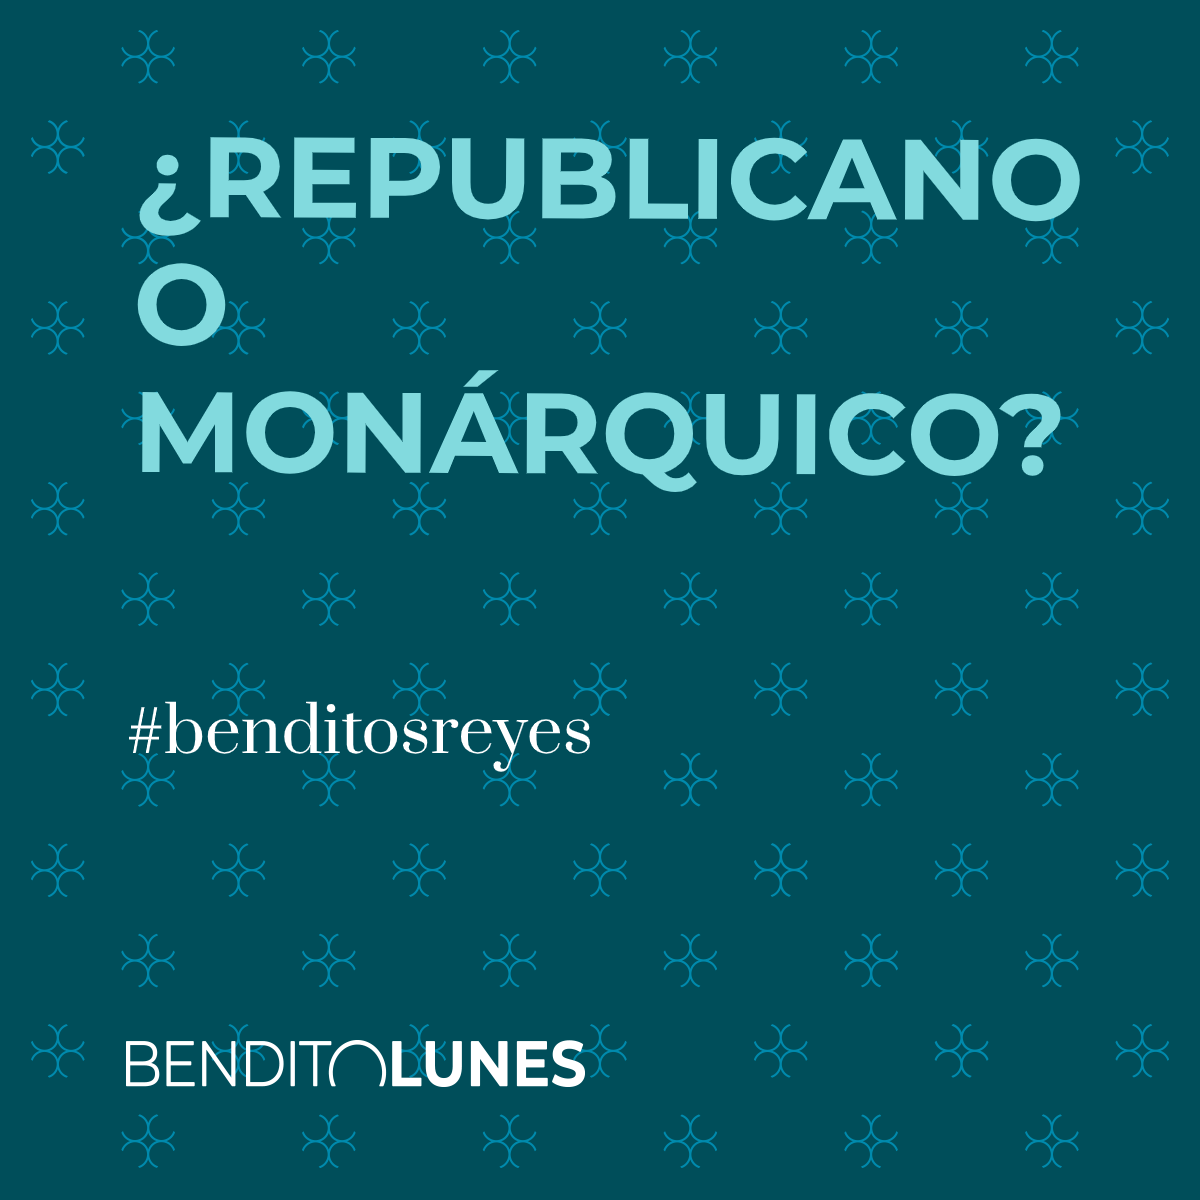 Benditos Reyes